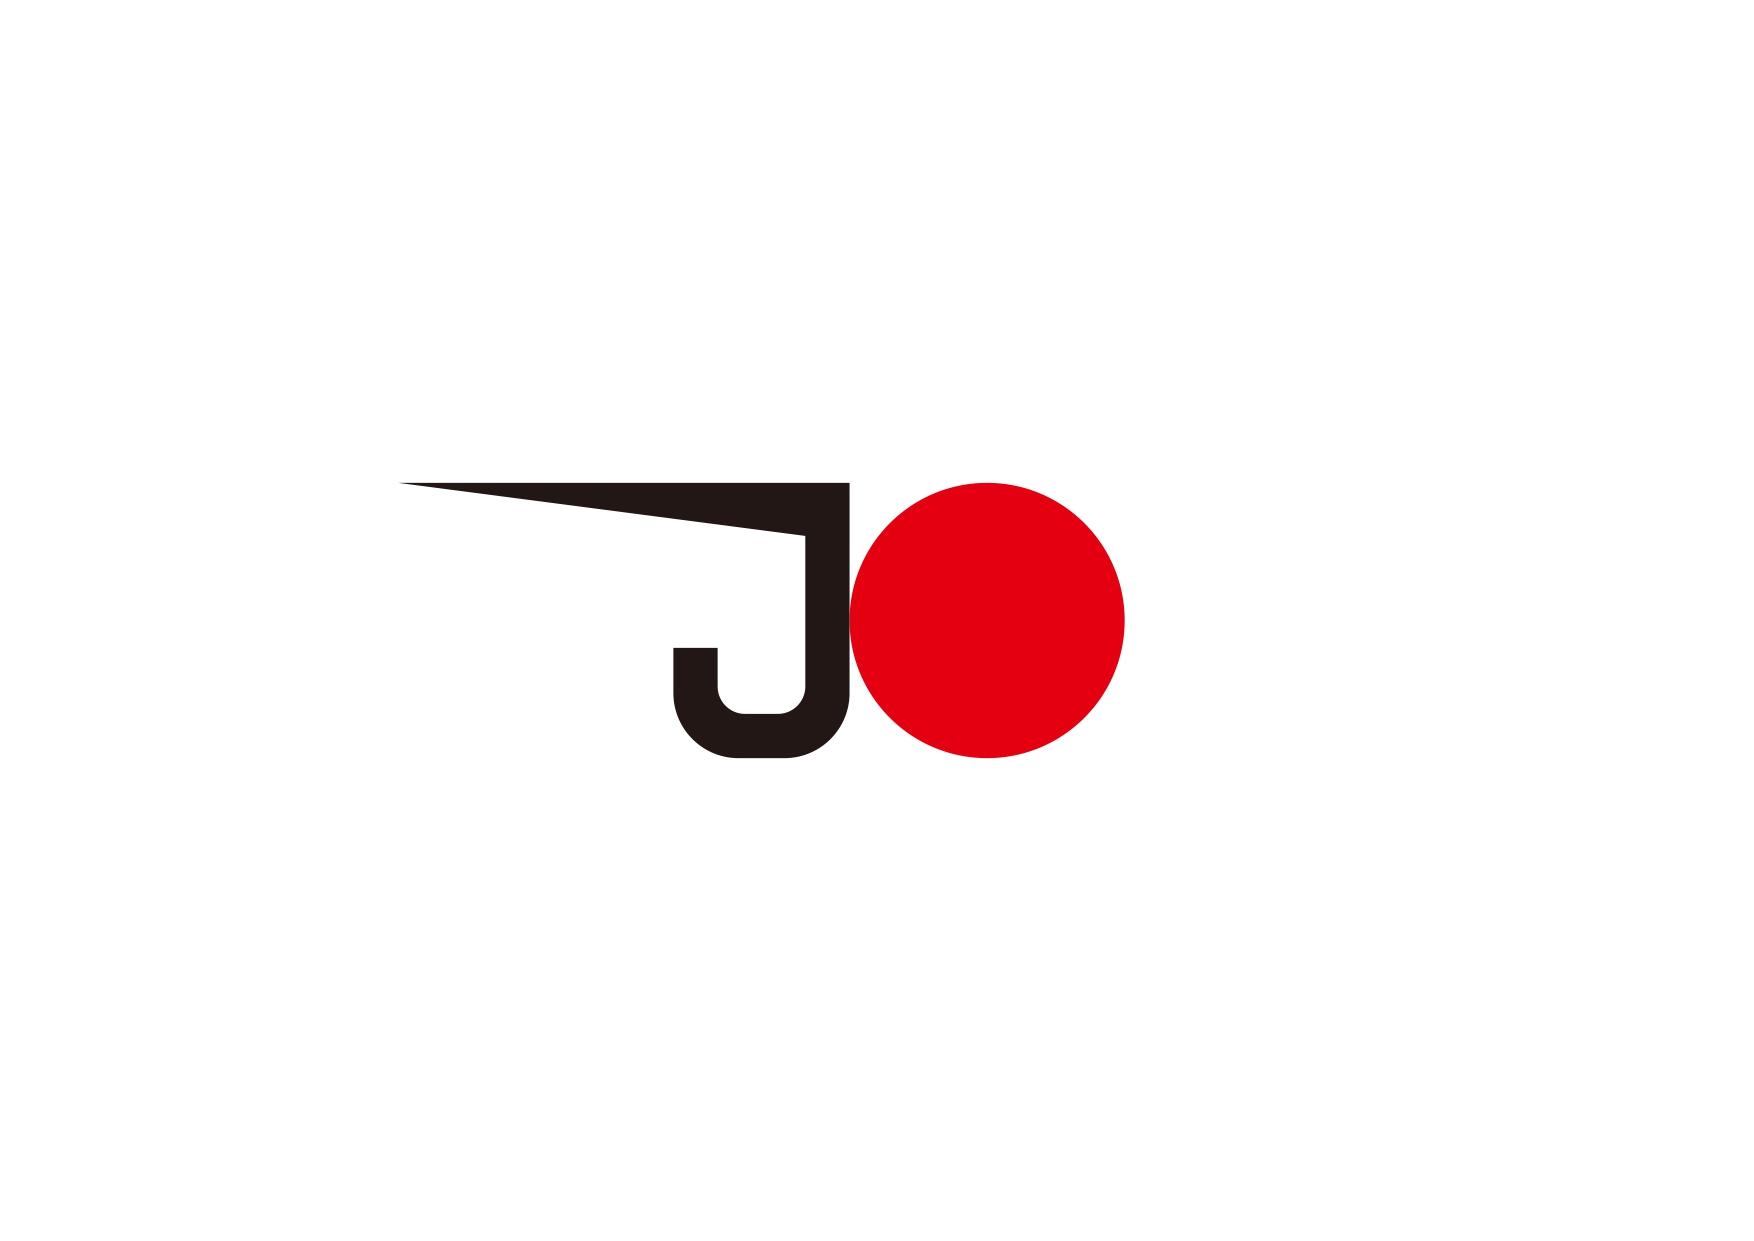 【フェンシング】エイブルpresents第74回全日本フェンシング選手権大会 個人戦決勝 日程変更について